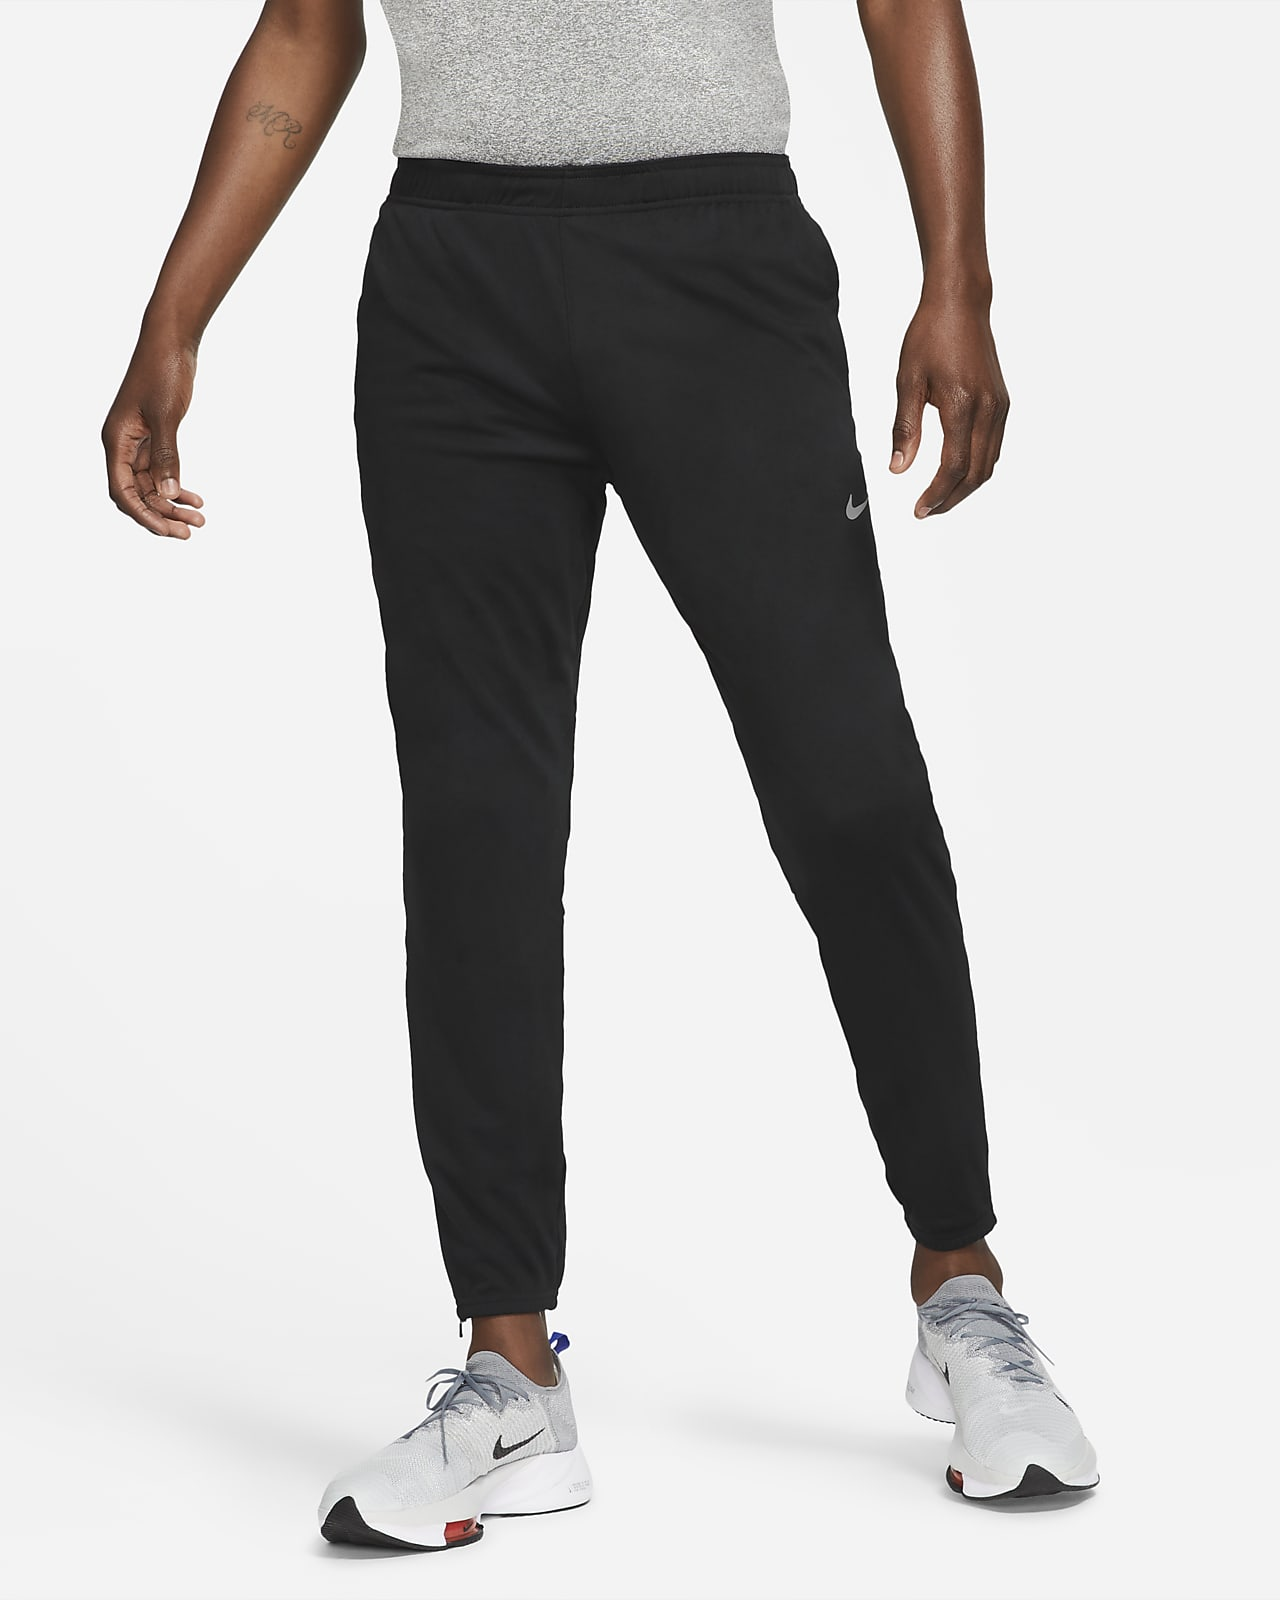 Мужские беговые брюки из трикотажного материала Nike Dri-FIT Challenger